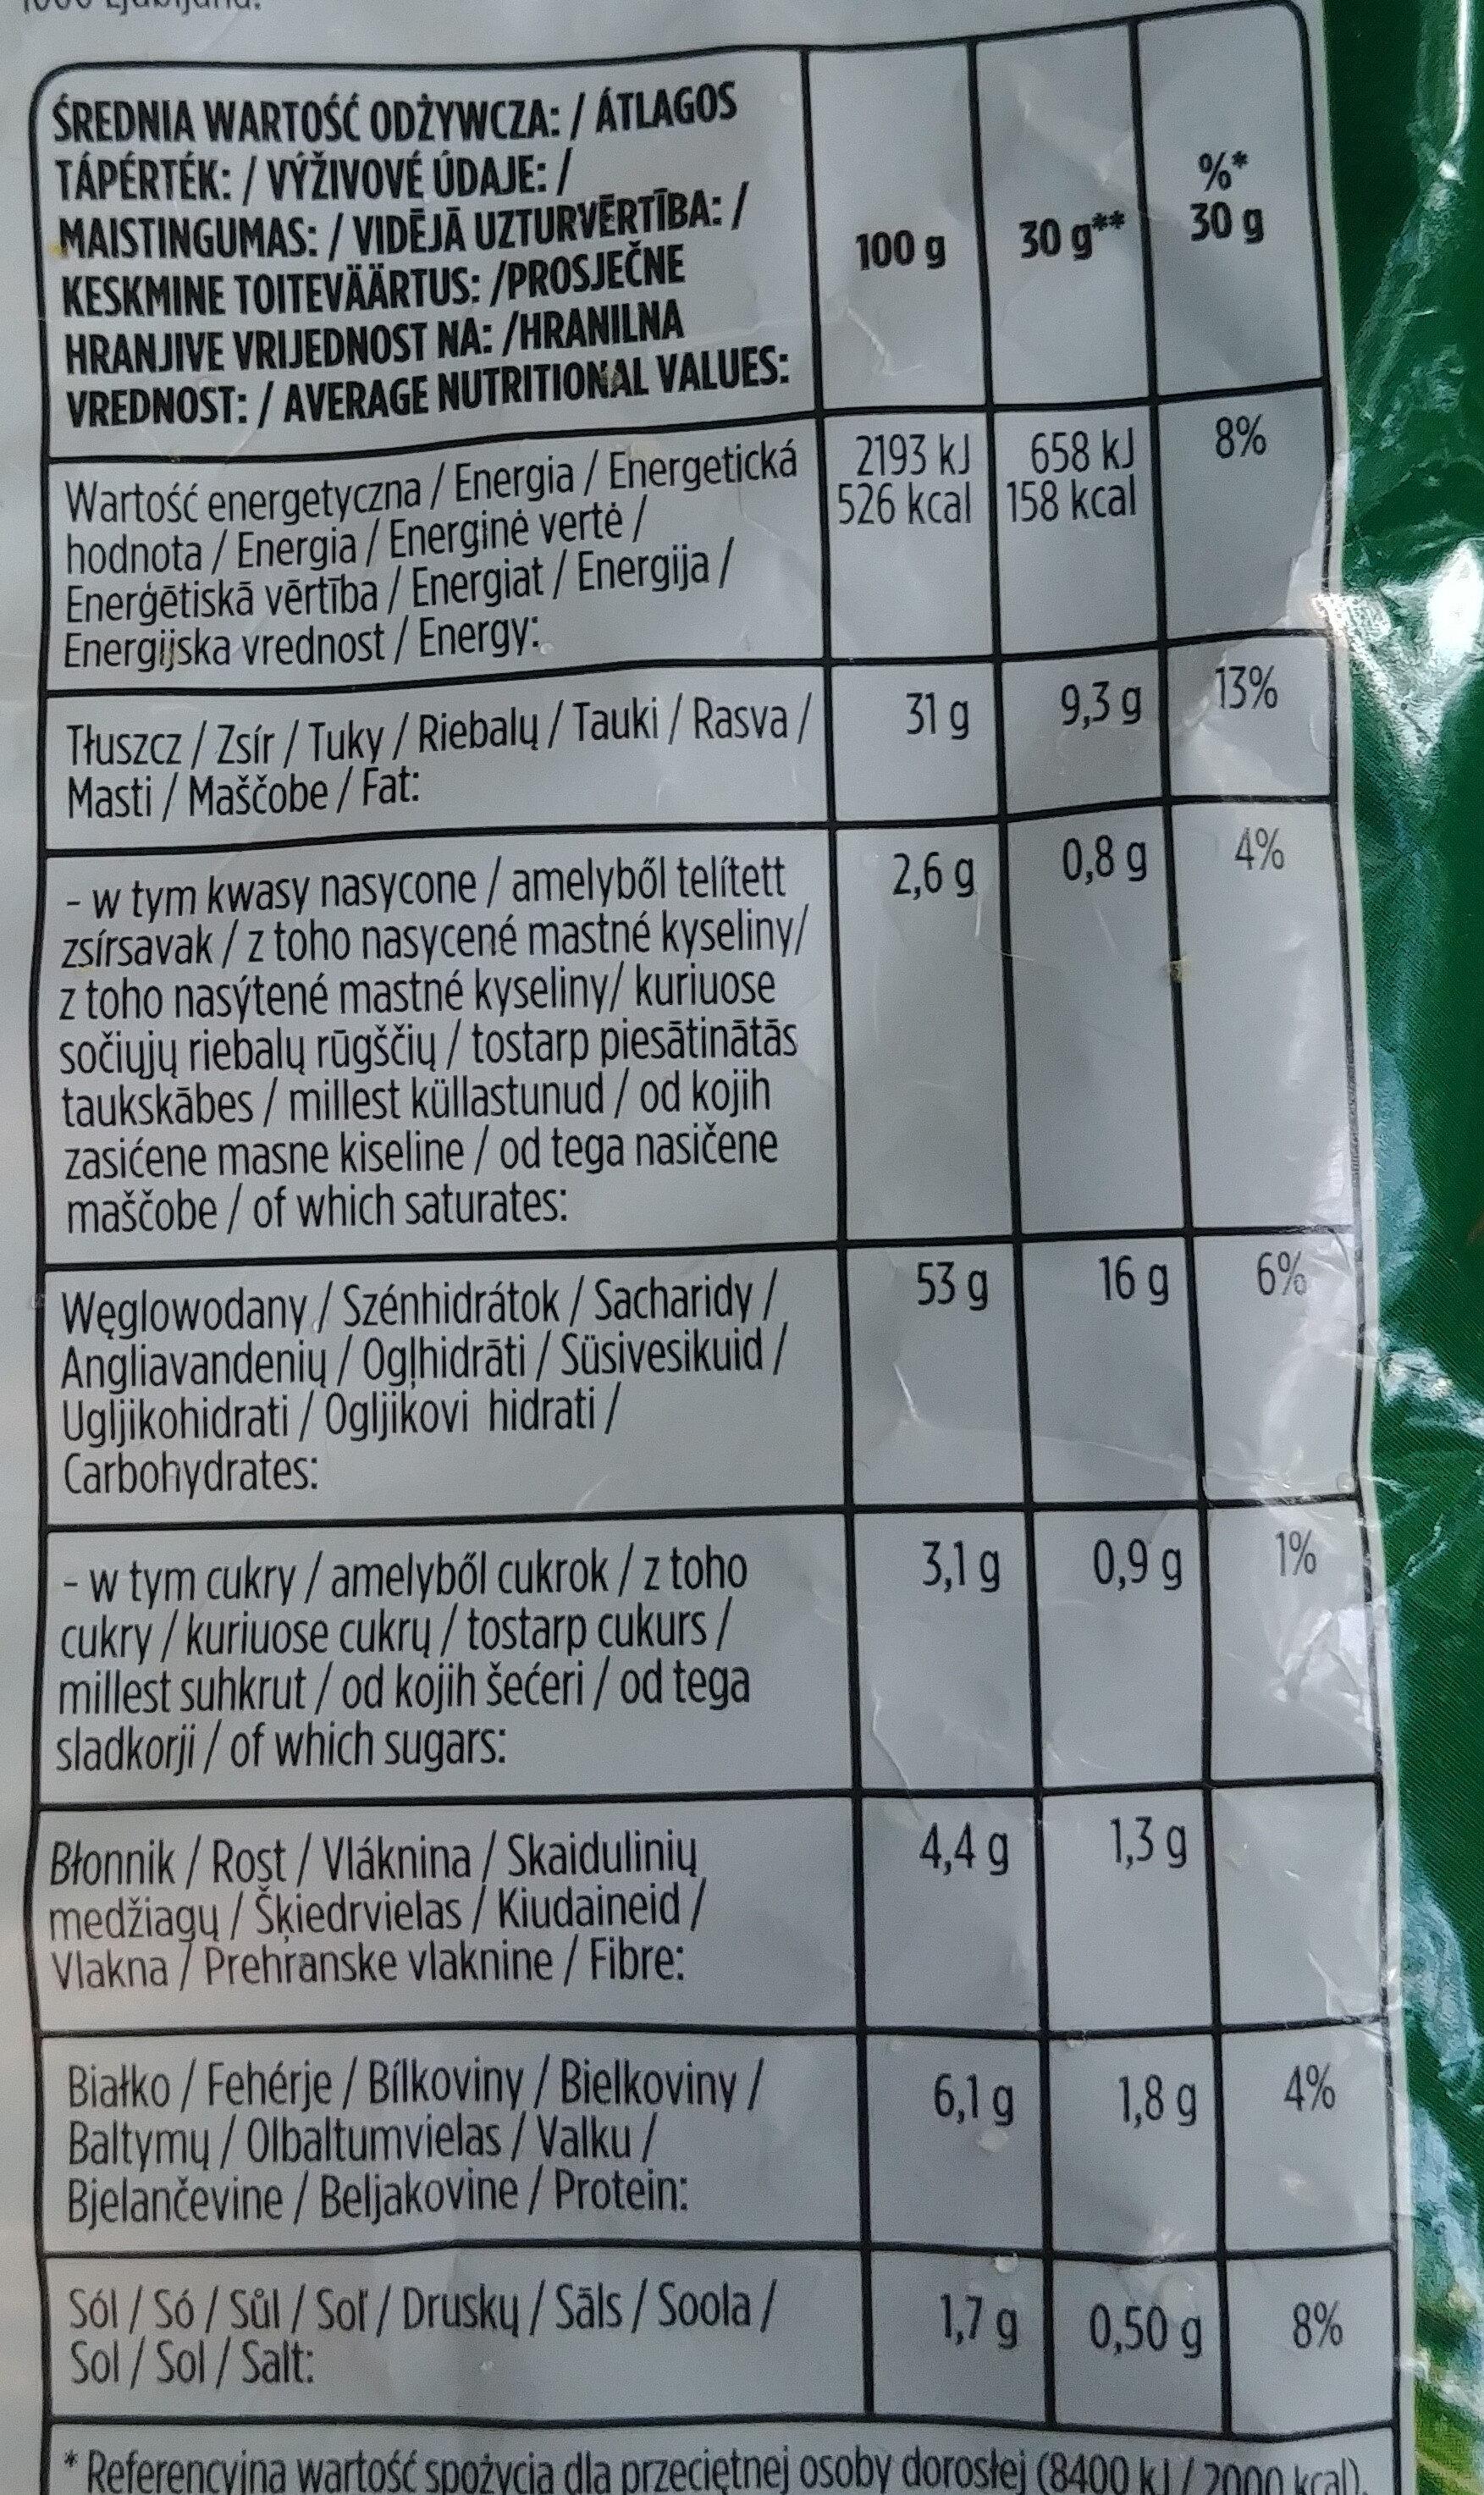 Chipsy ziemniaczane o smaku zielonej cebulki - Wartości odżywcze - pl